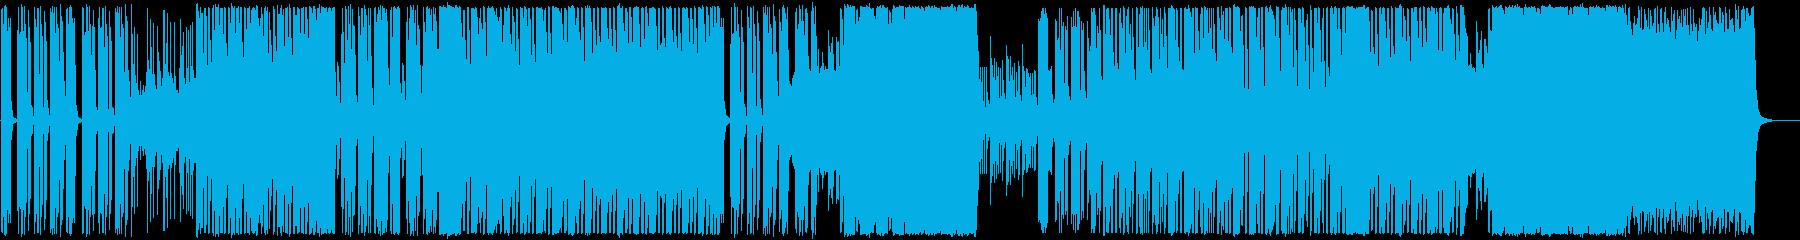 ハイテンポ、パワフルなトランスの再生済みの波形